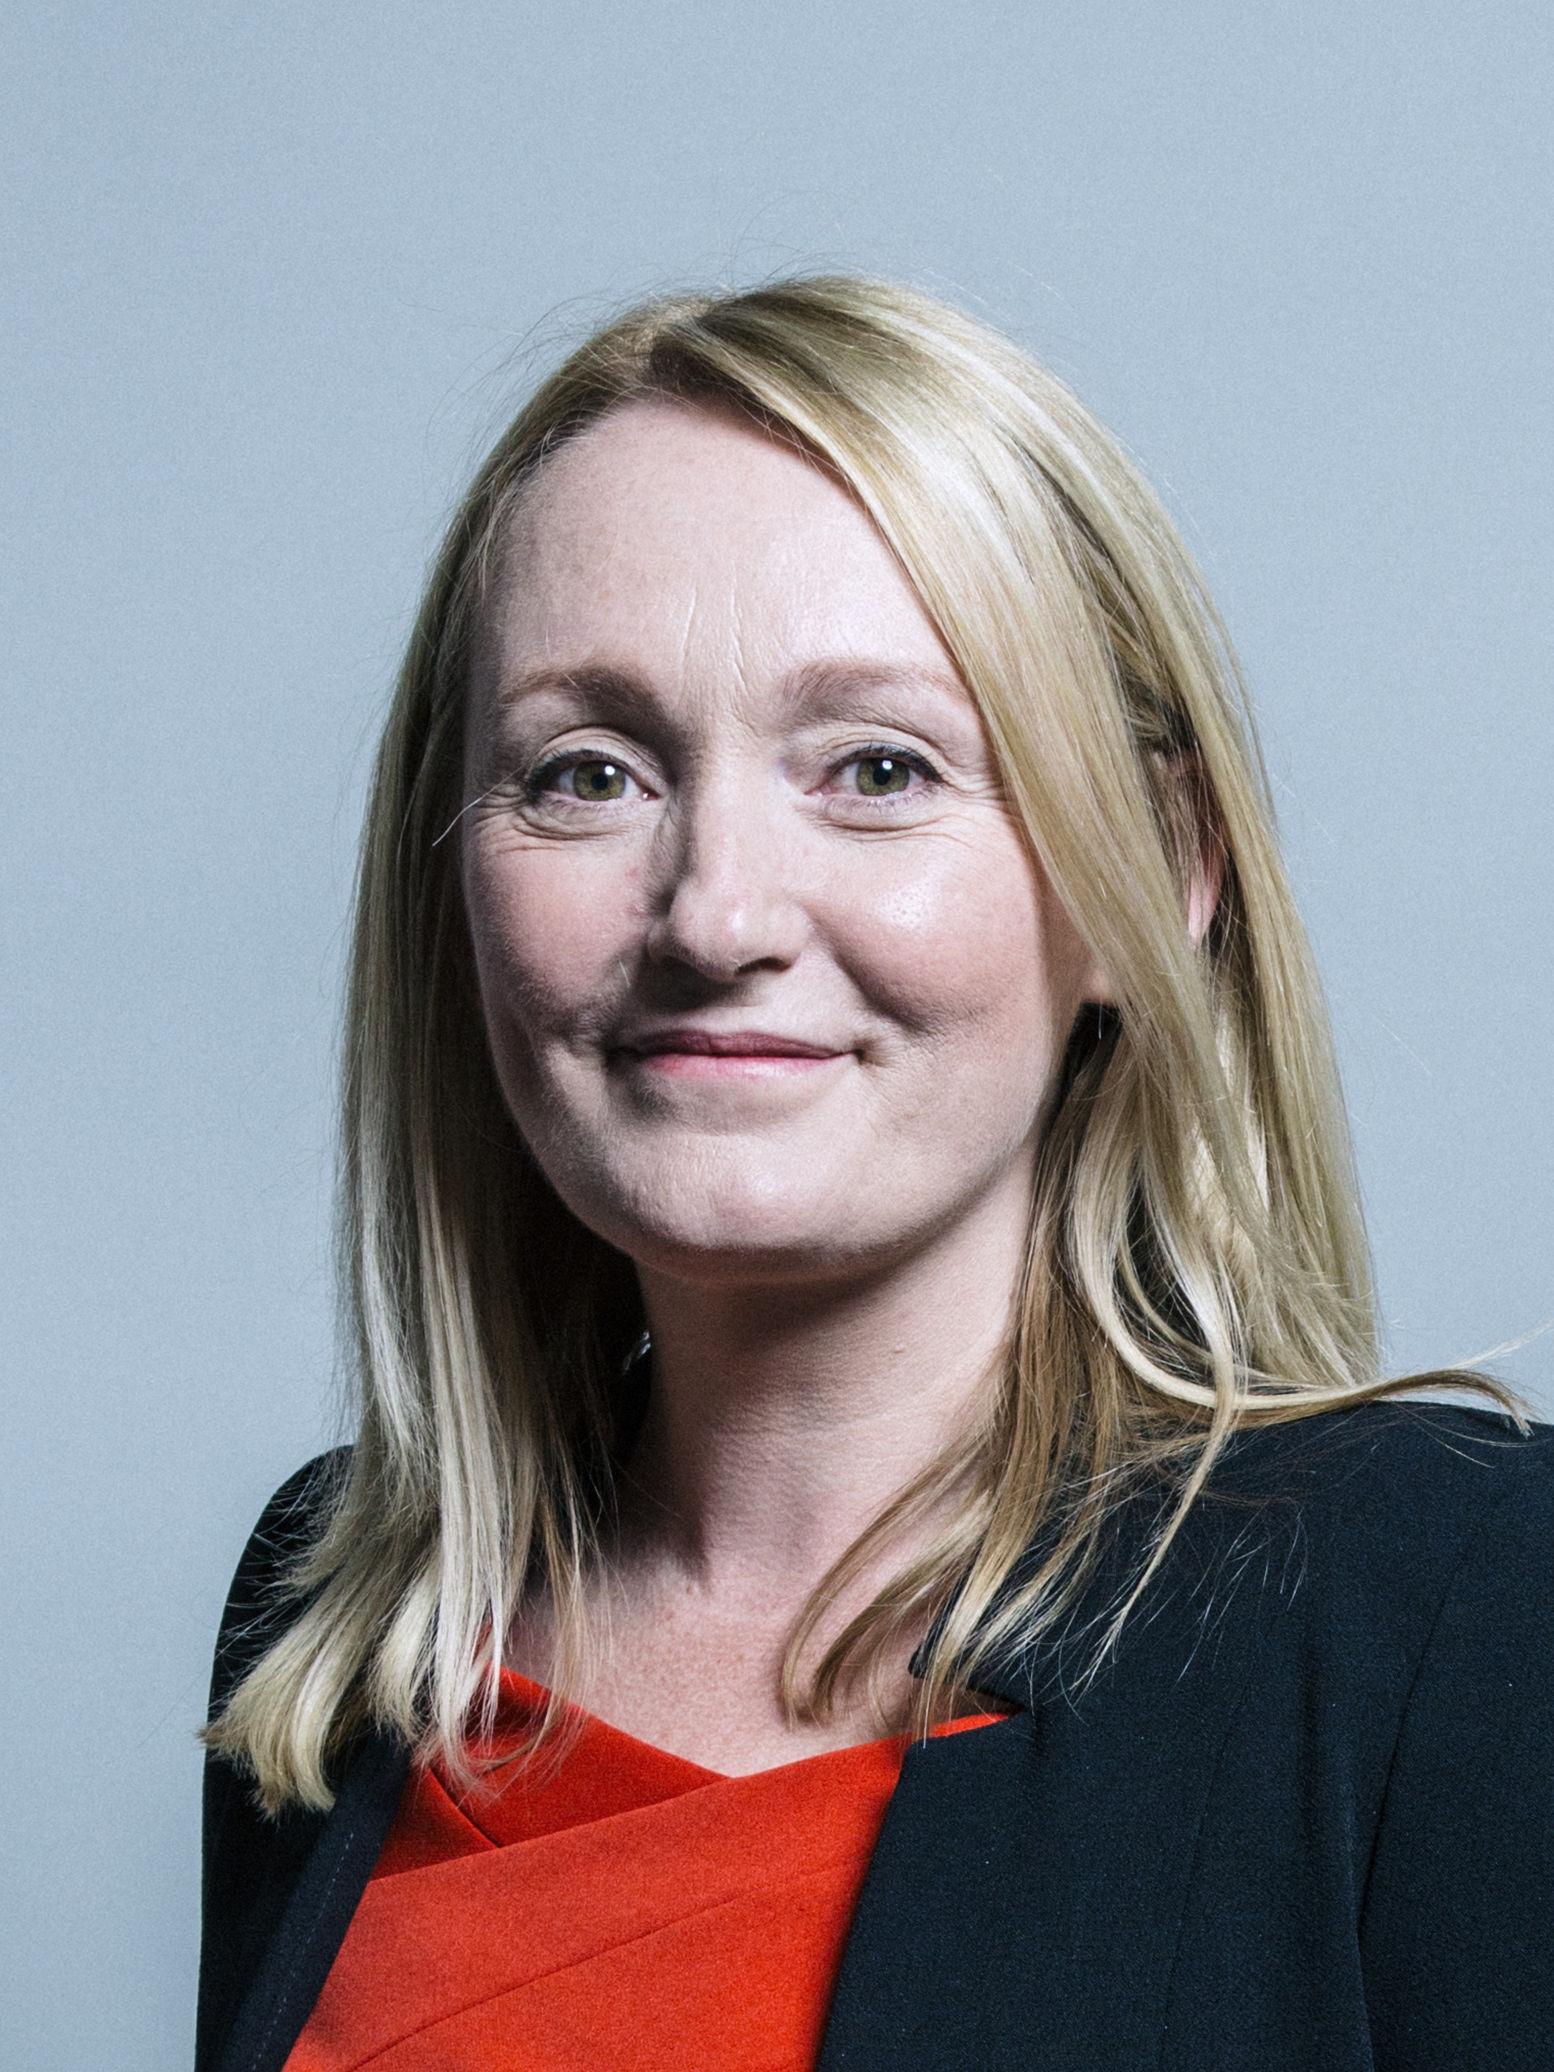 Jo_Platt_Official_Parliamentary_Portrait_2017.jpg